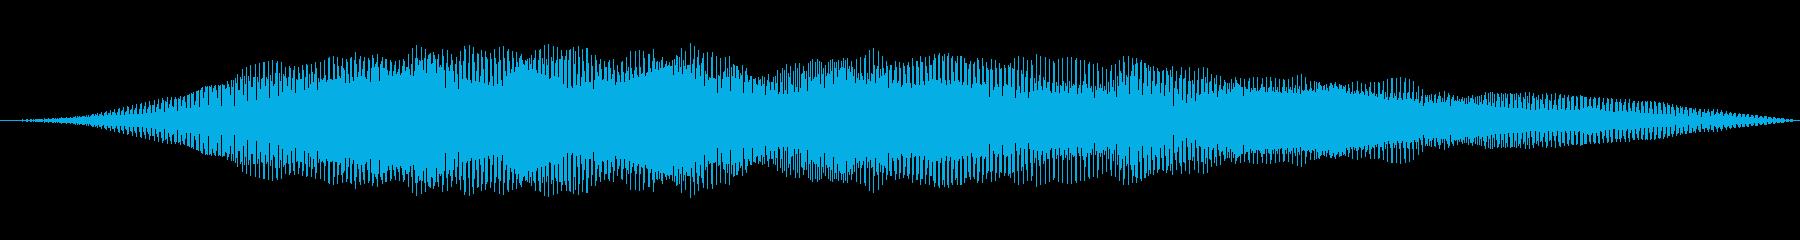 ローシンセパワースイープの再生済みの波形